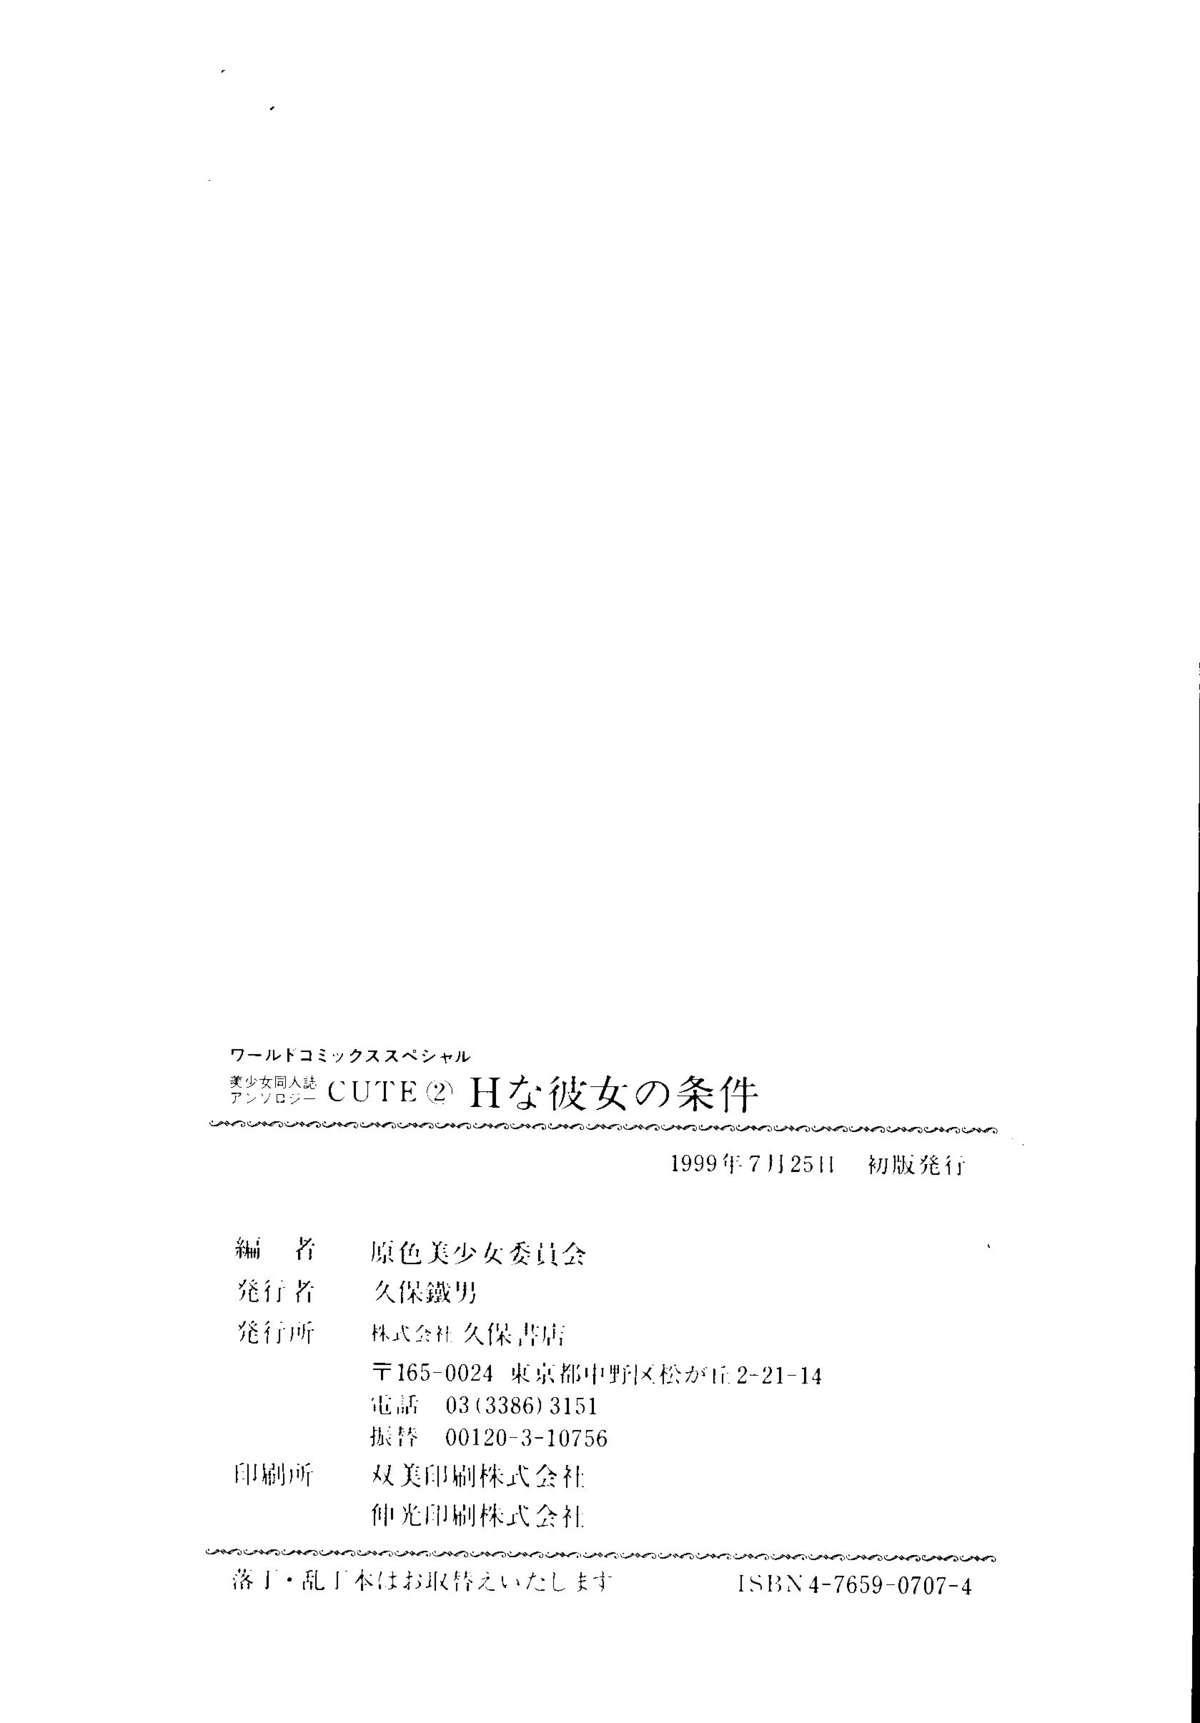 Bishoujo Doujinshi Anthology Cute 2 143